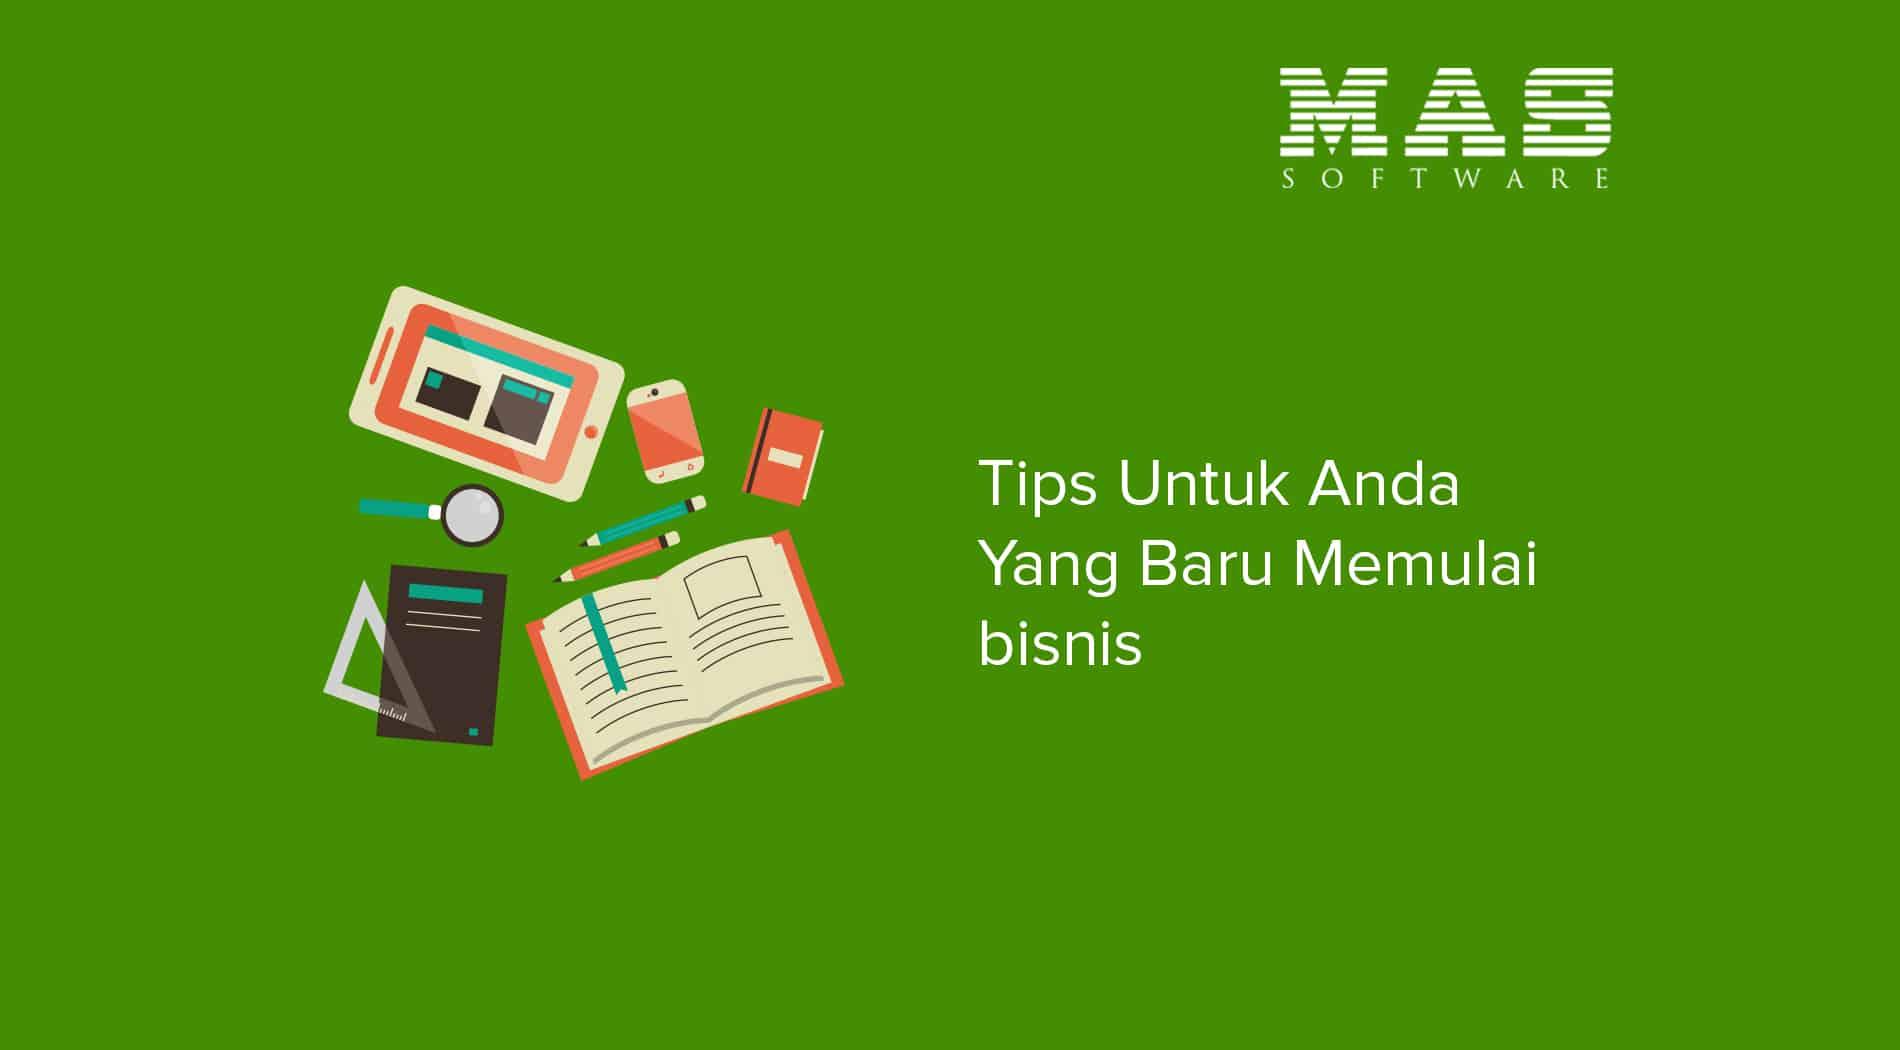 Tips Untuk Anda Yang Baru Memulai Bisnis